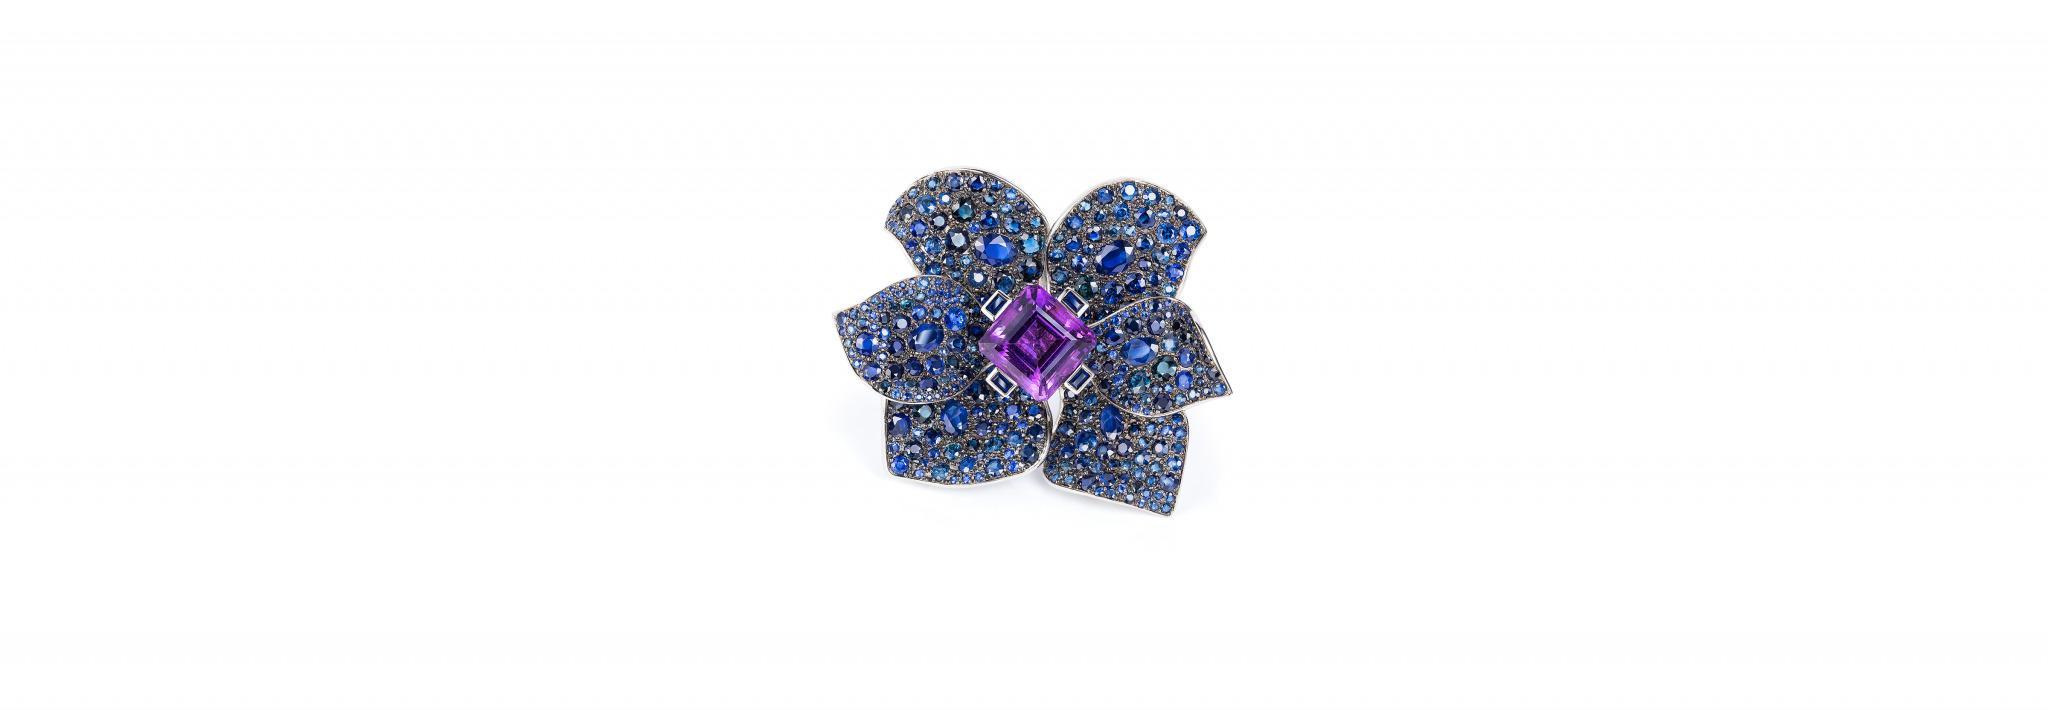 Blaues Meer Blume